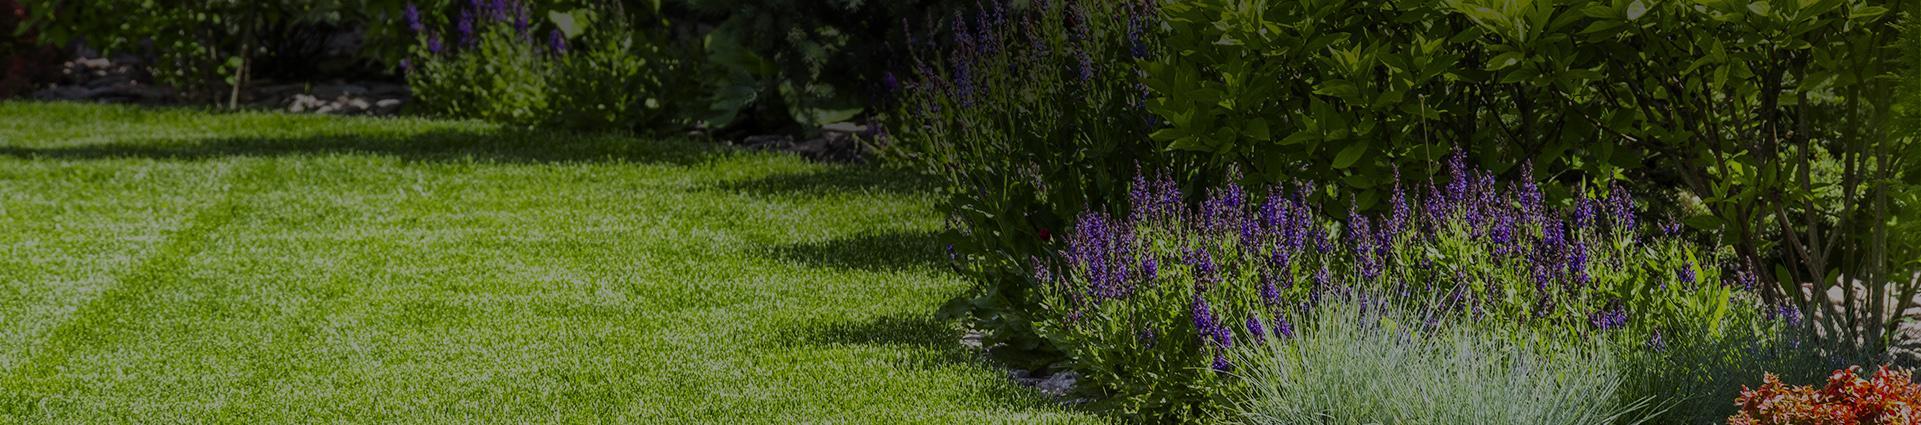 Ogród i skoszony trawnik